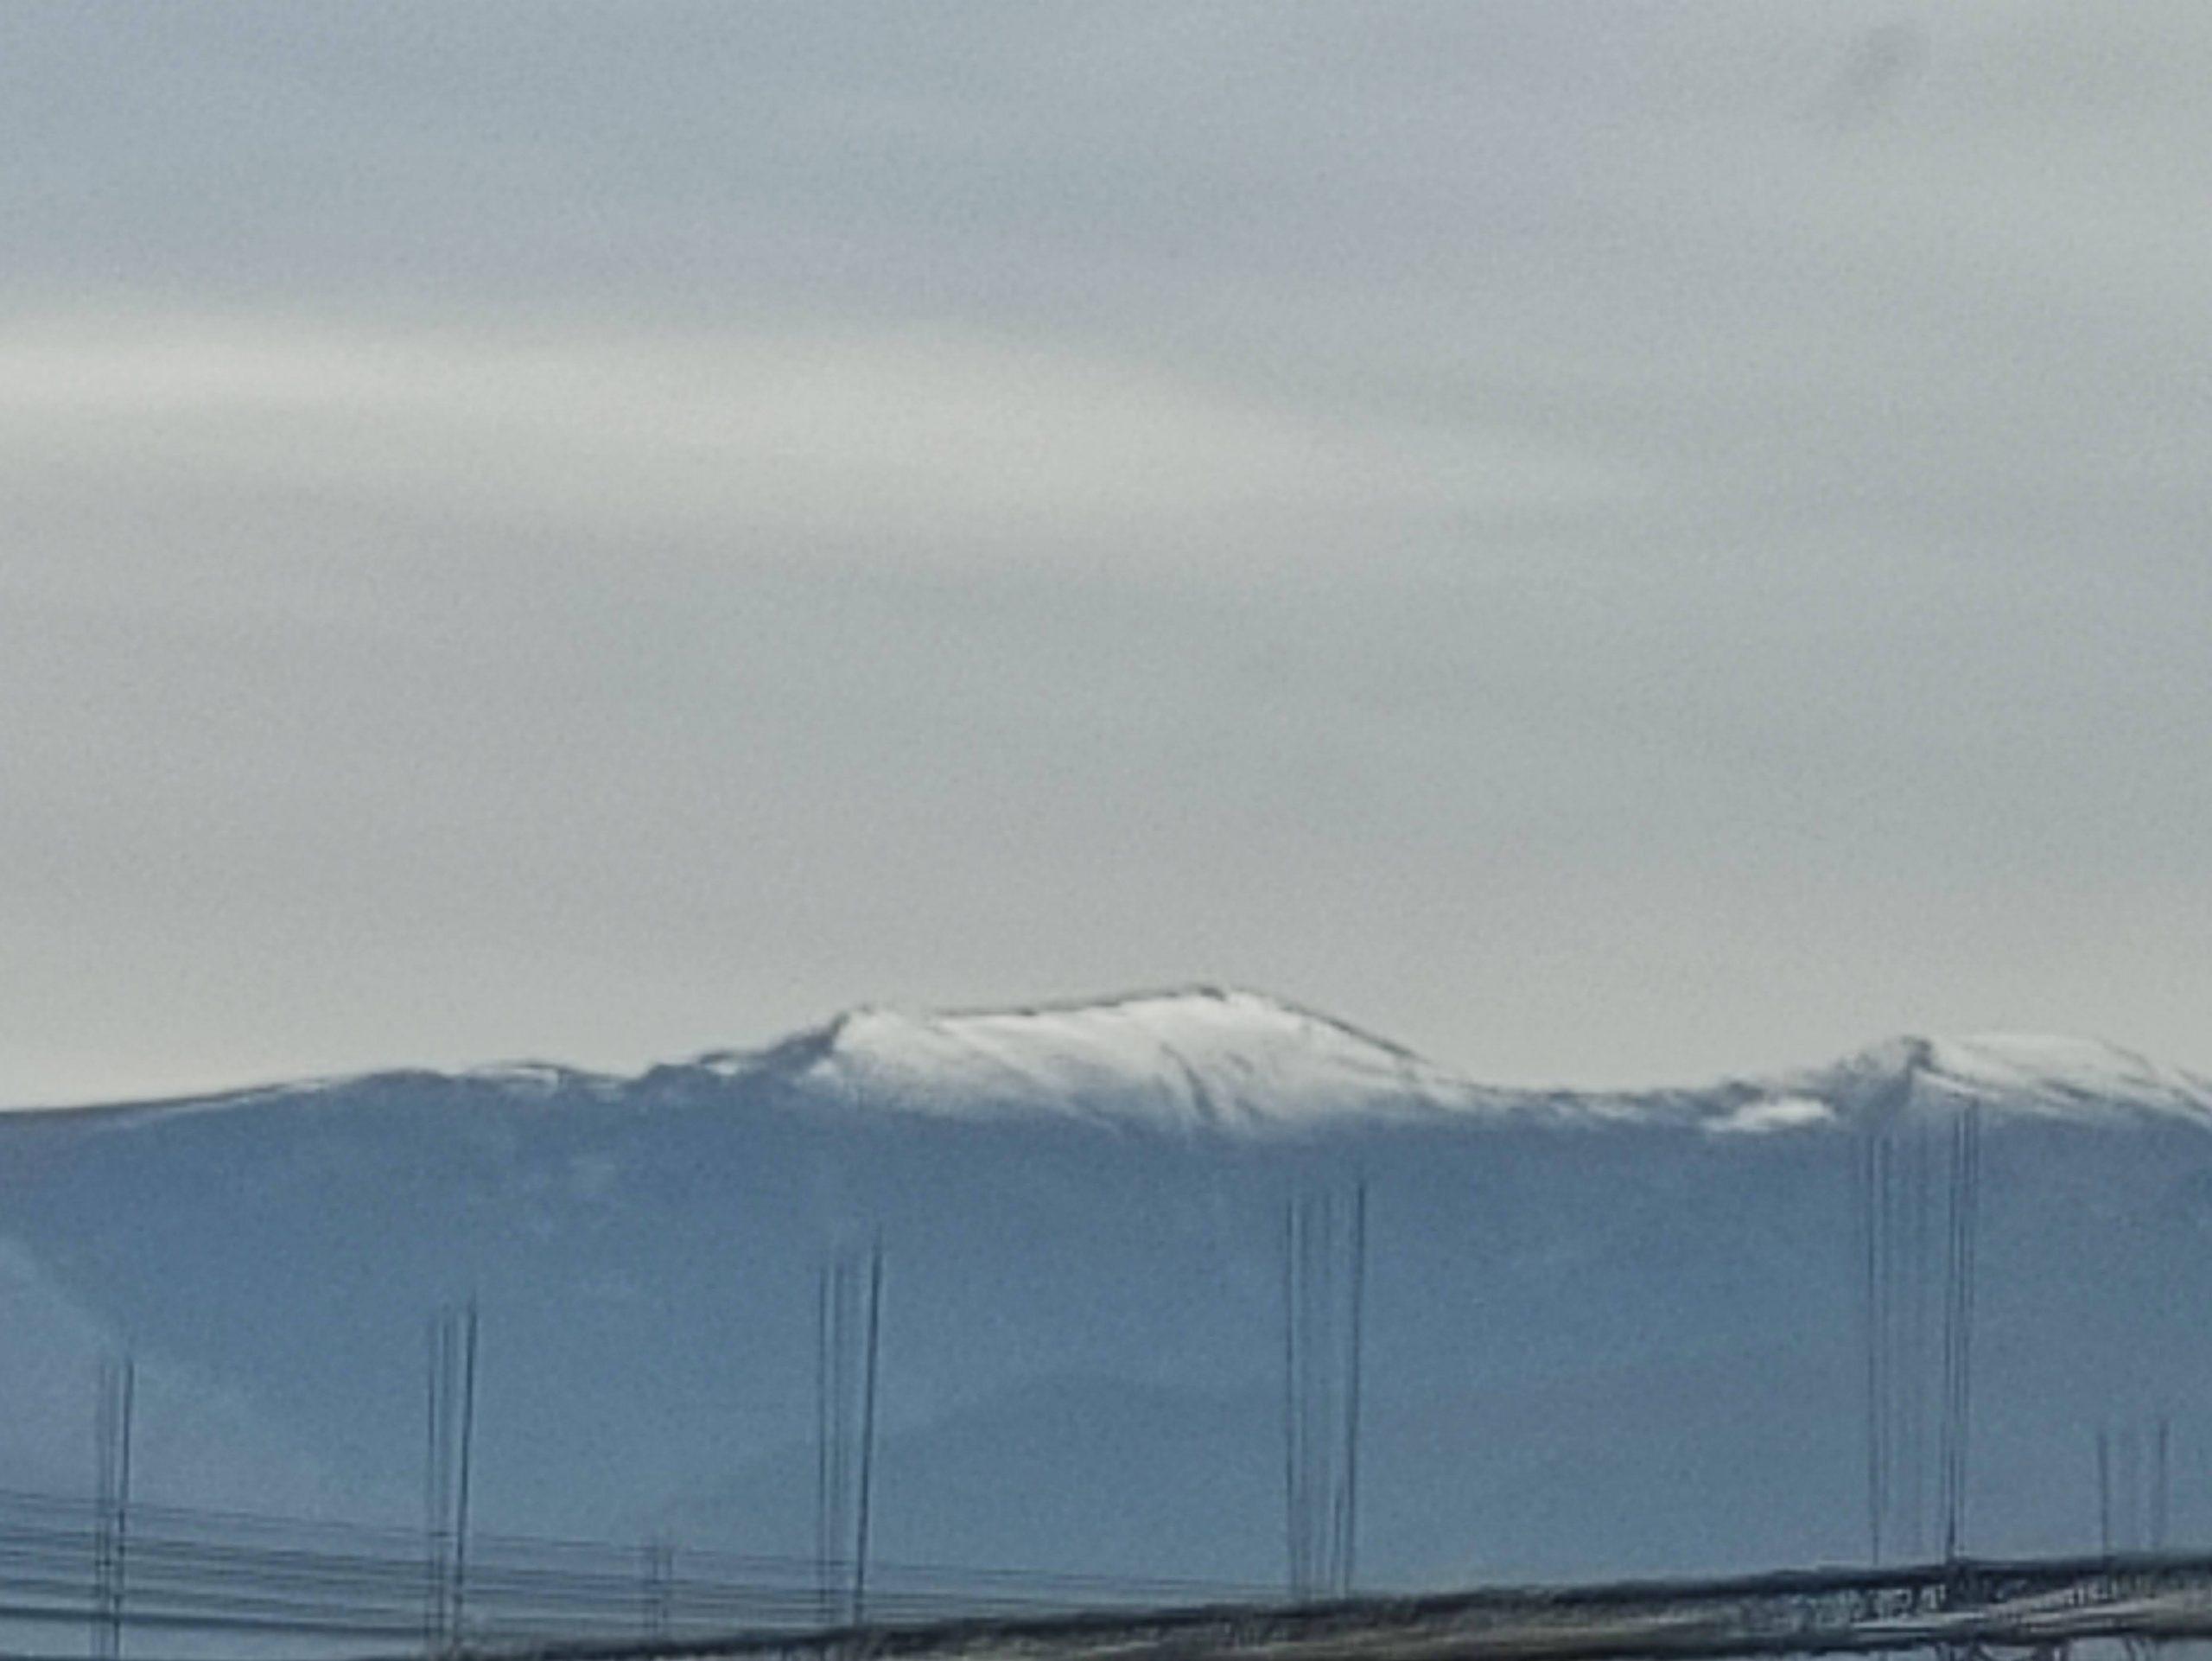 Las cumbres amanecen pintadas de blanco avisando de la llegada de una nueva dana durante el puente de diciembre 1